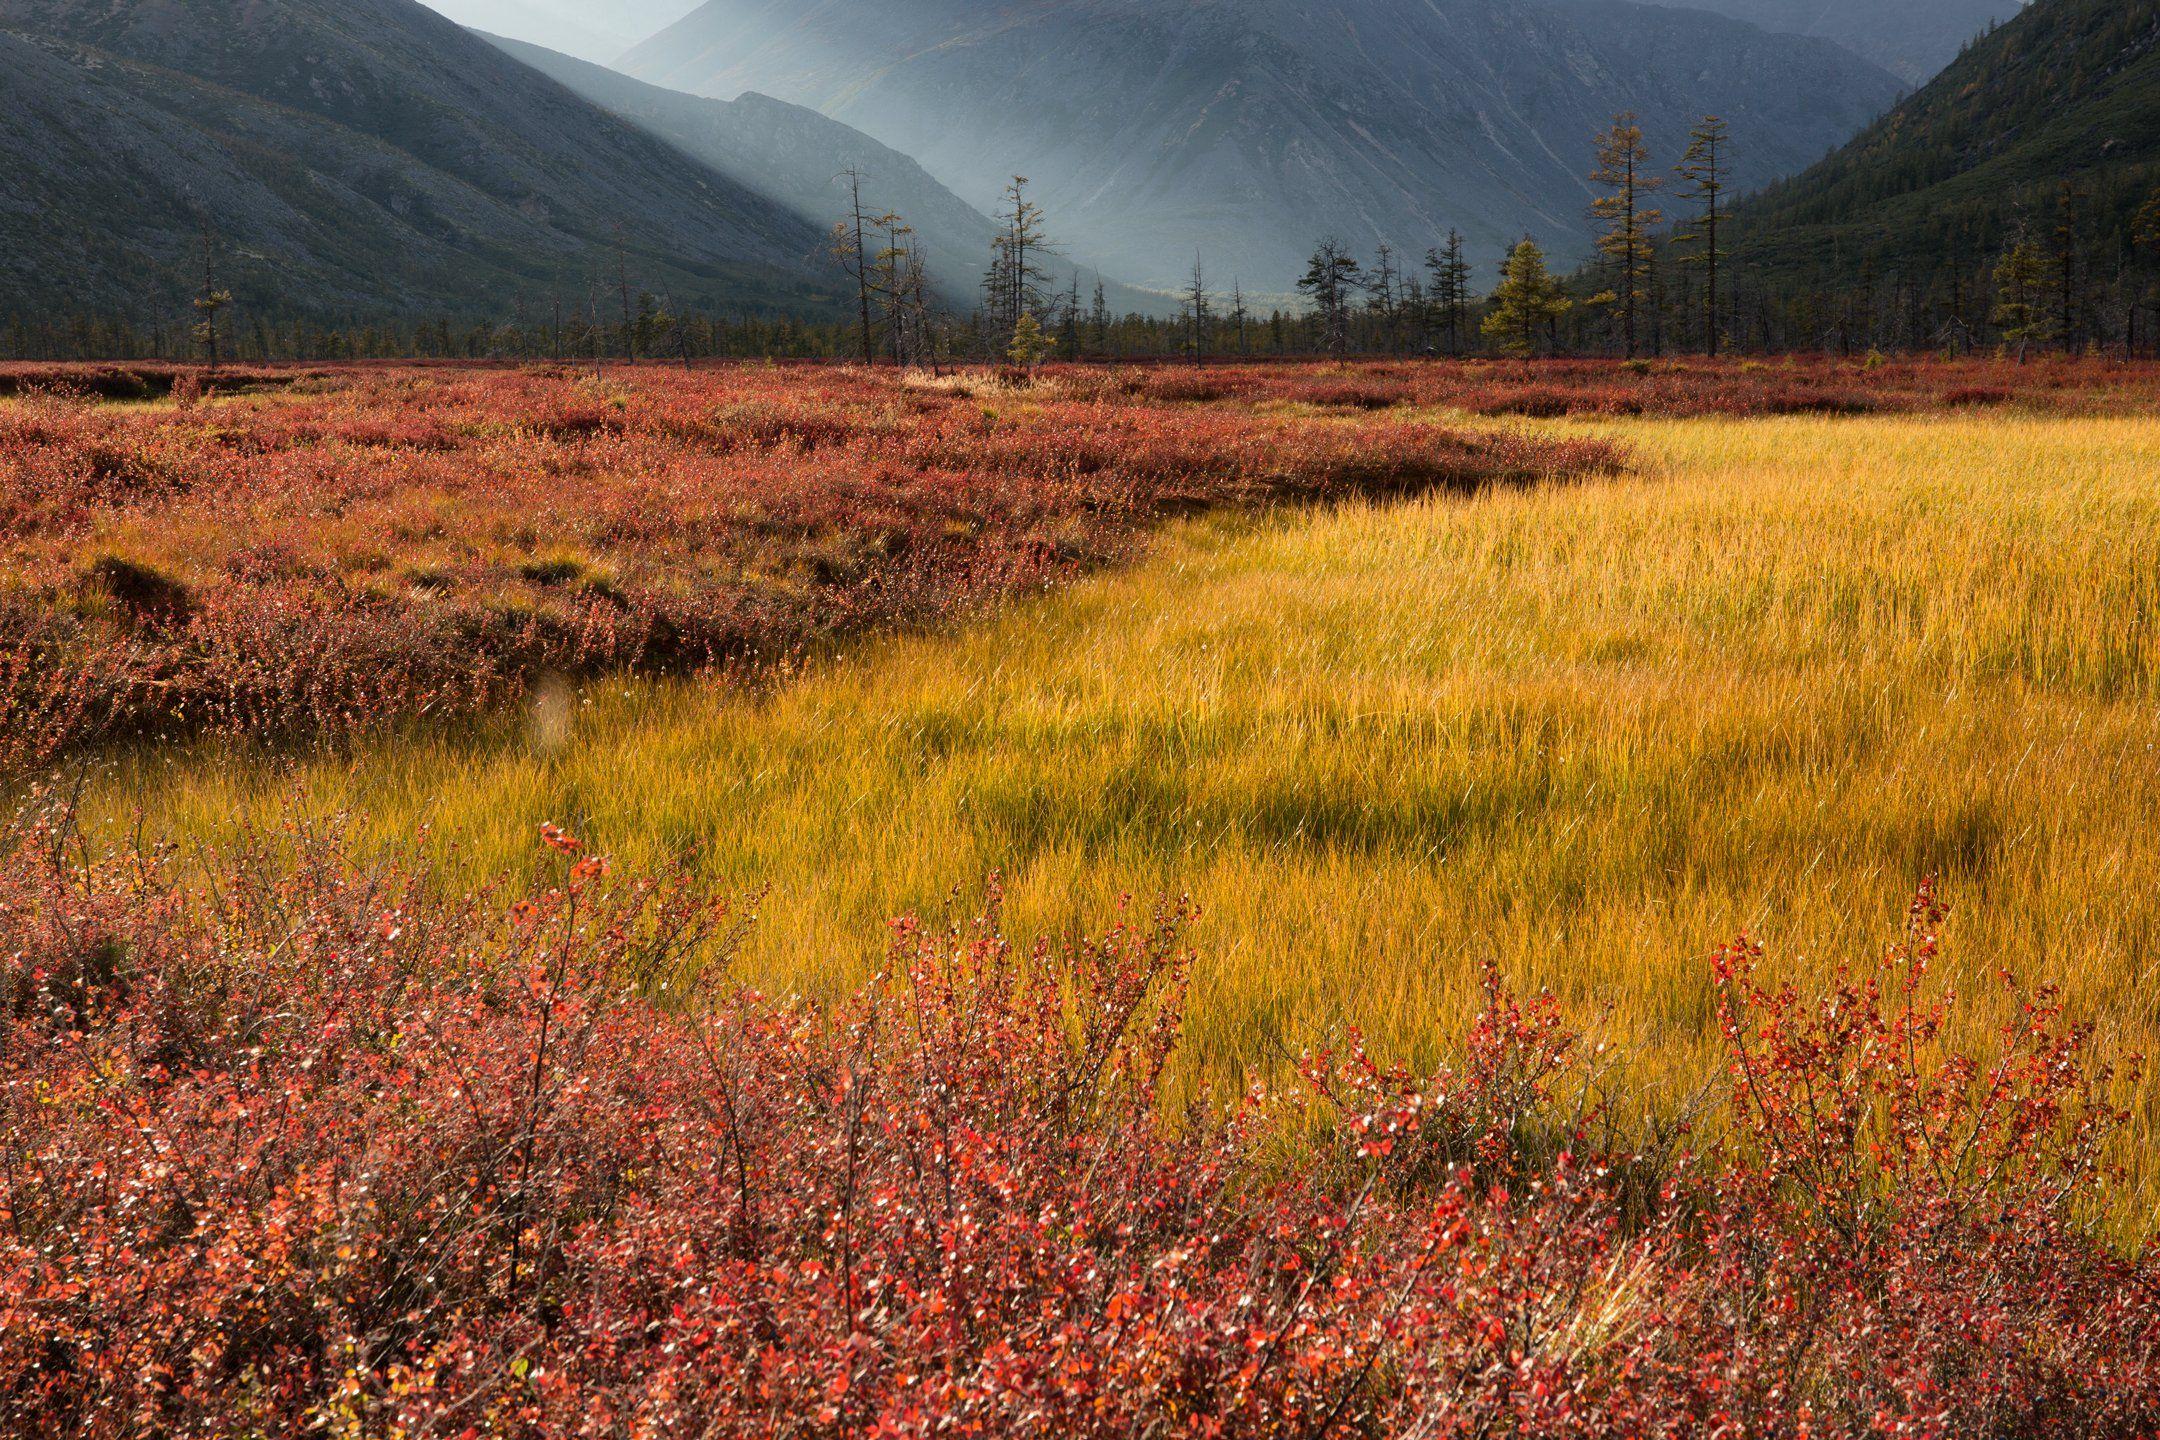 осень, колыма, болото, даль, горы, свет, деревья, цвет, Антон Селезнев